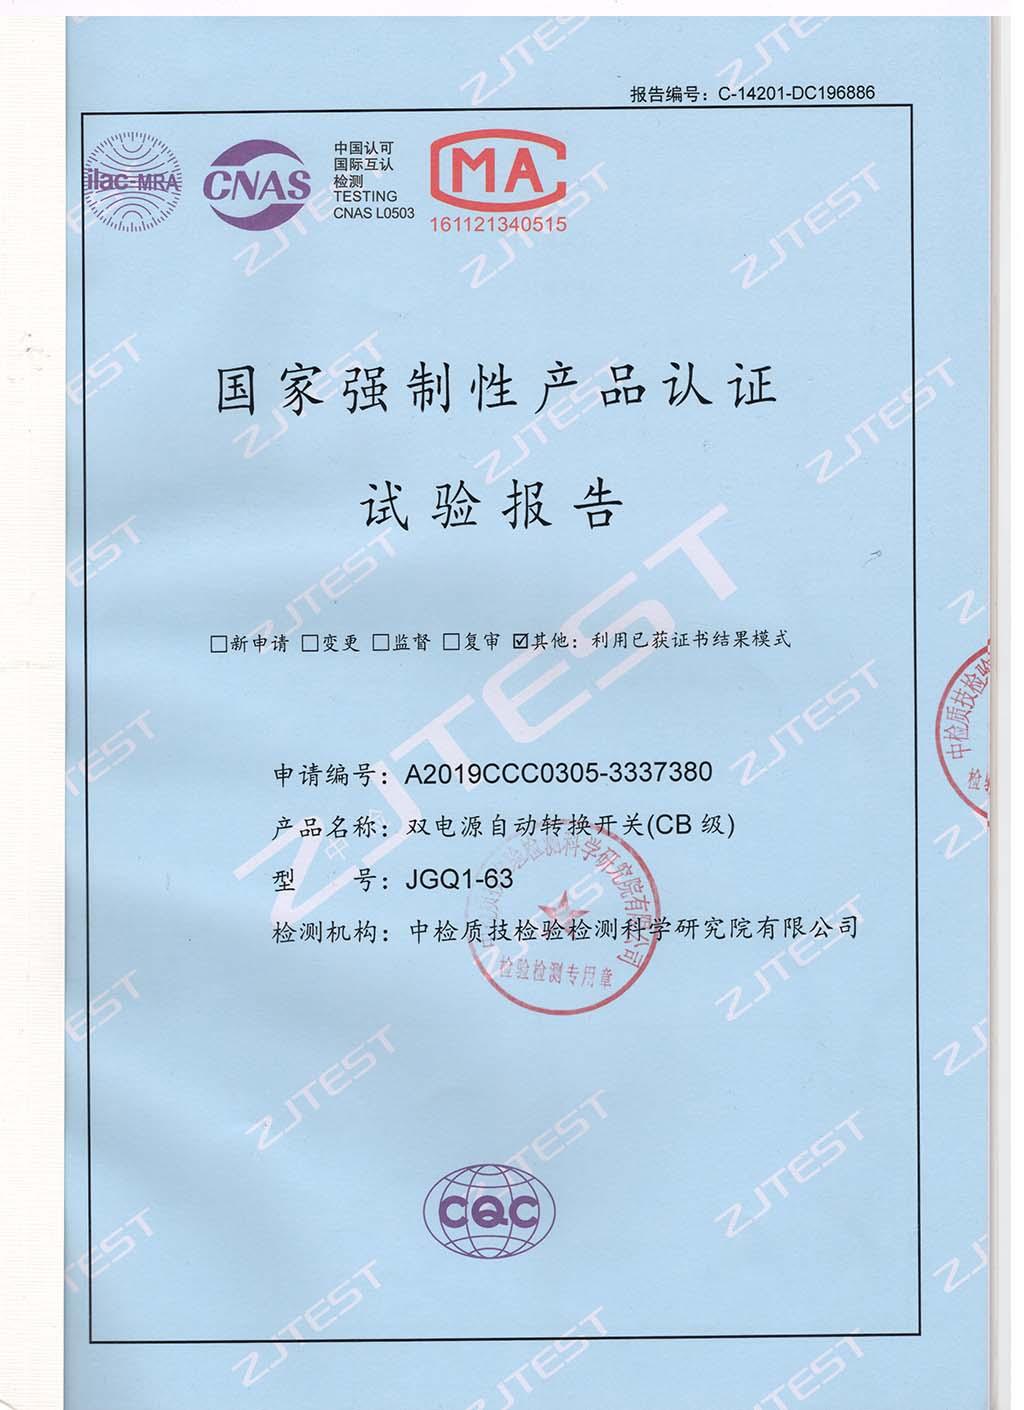 双电源自动转换开关 检测报告 JGQ1-63